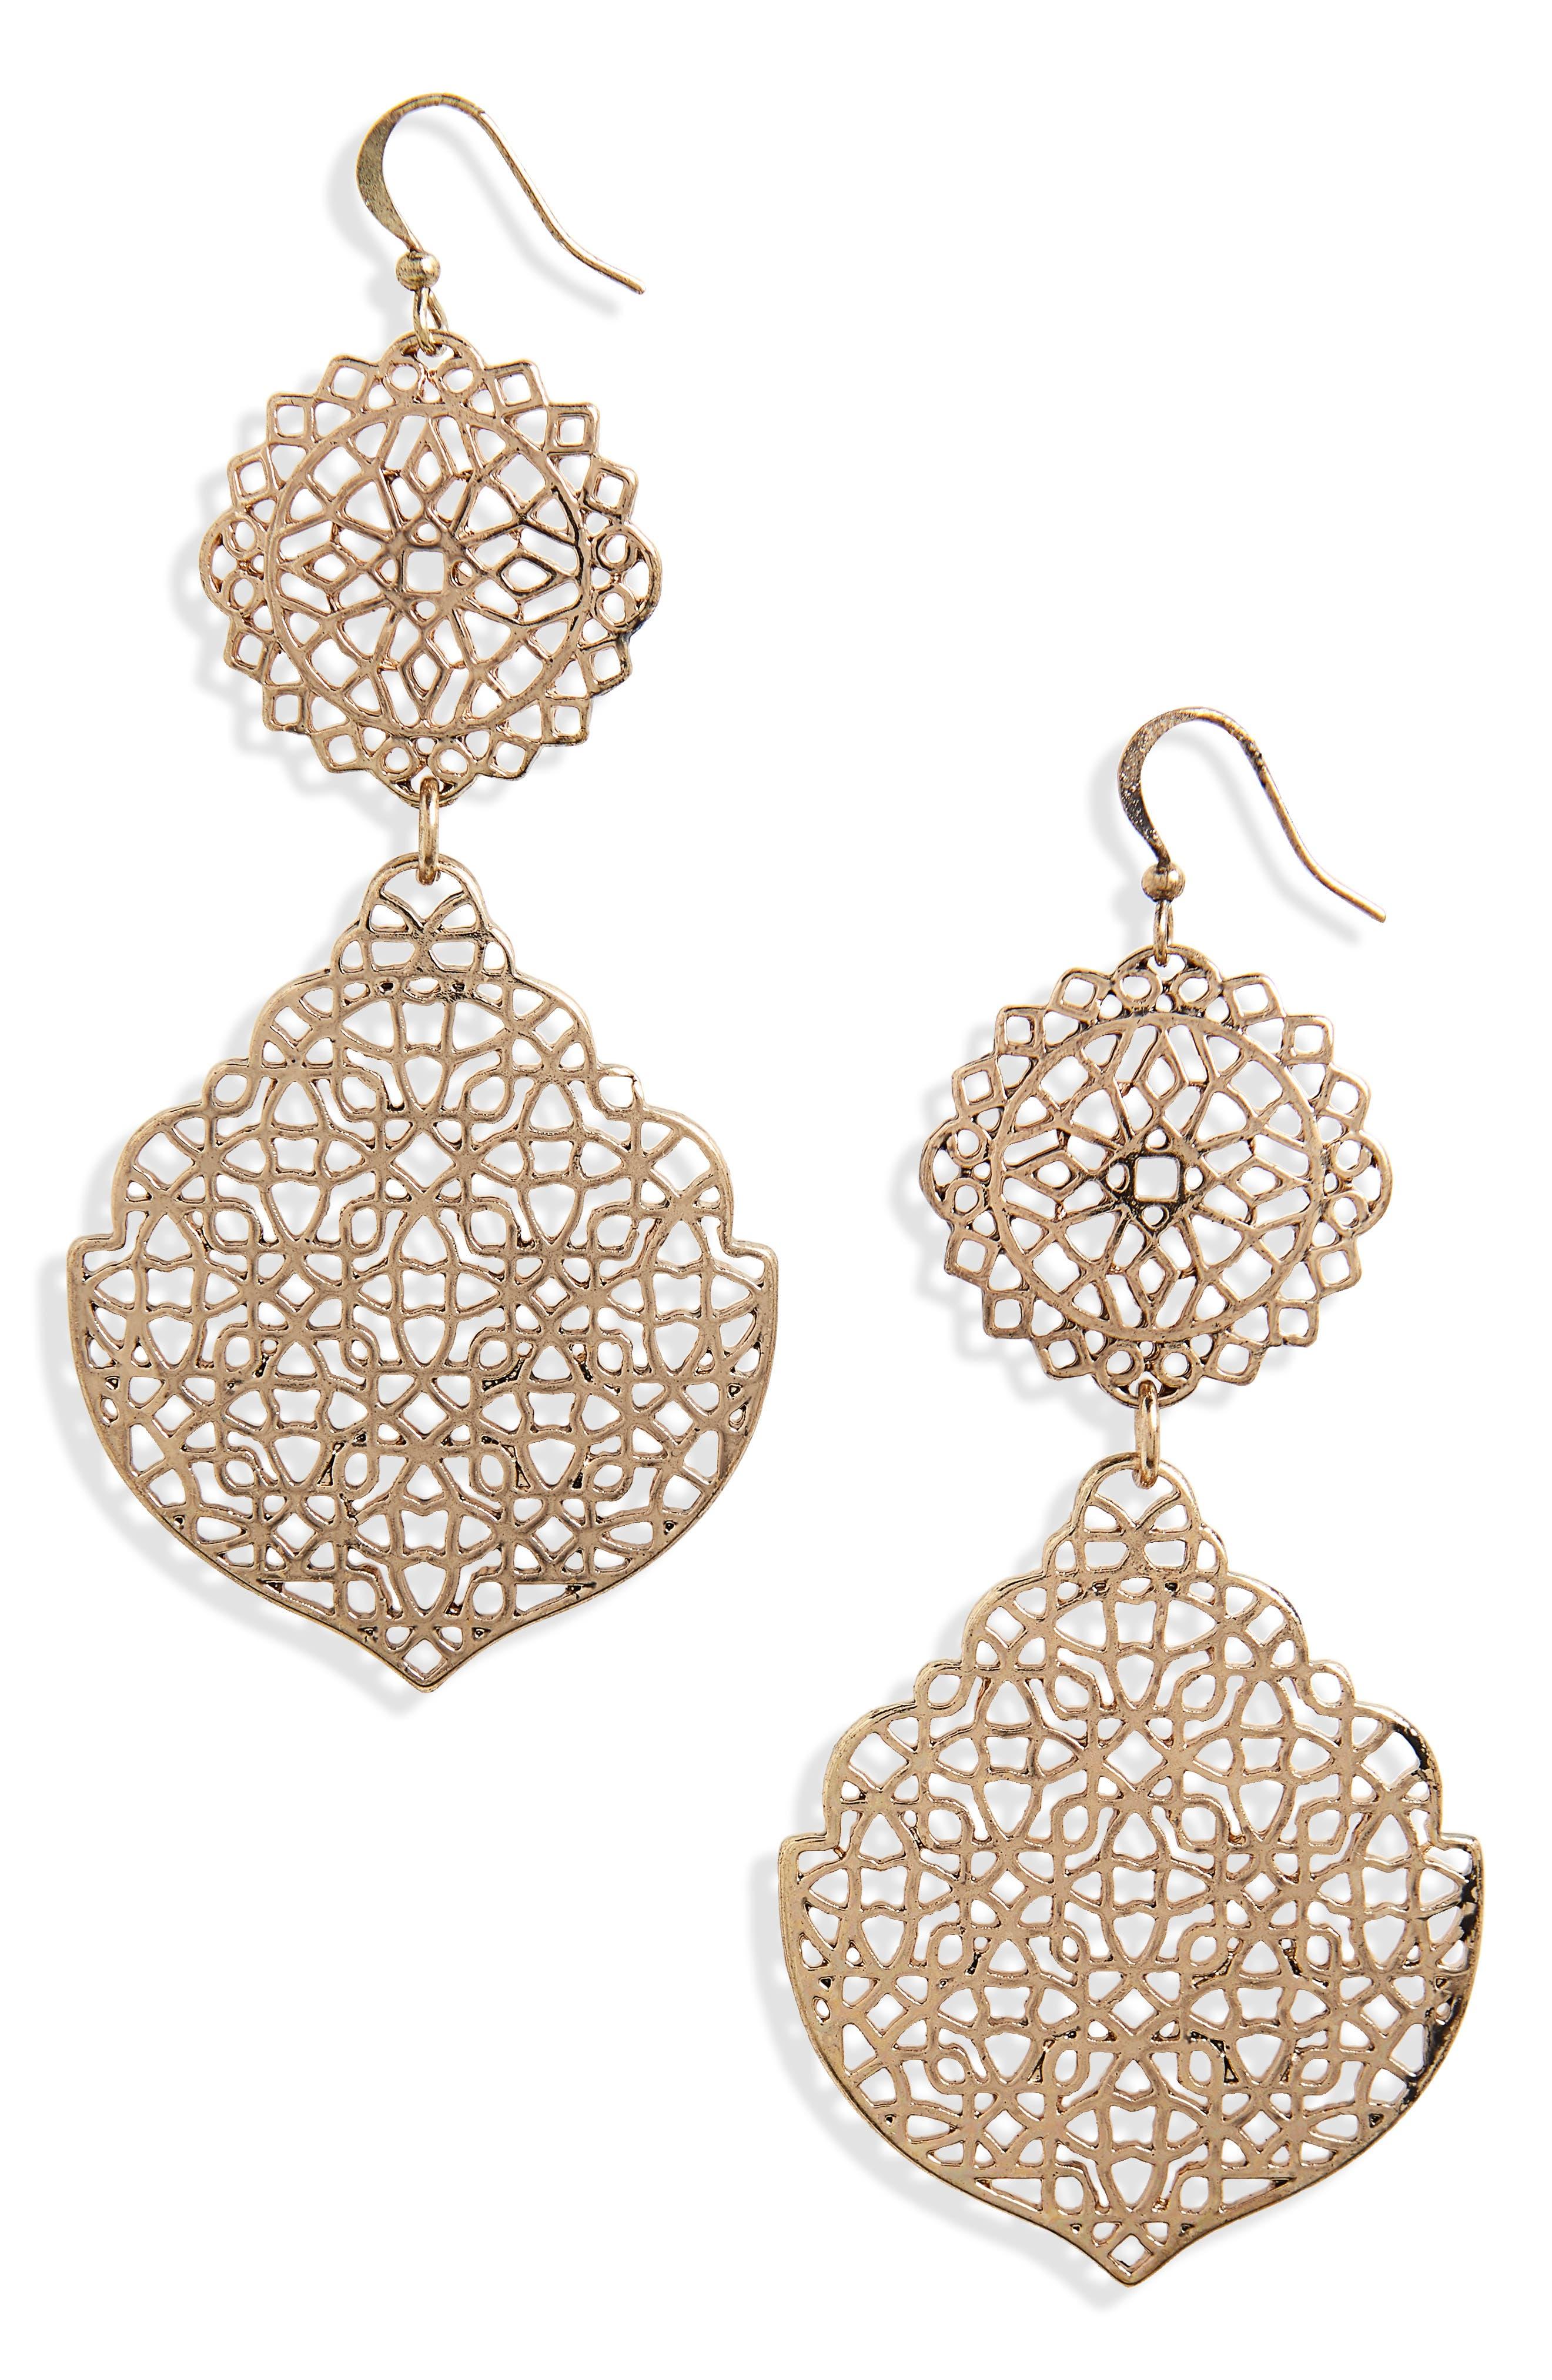 Alternate Image 1 Selected - BP. Medallion Earrings